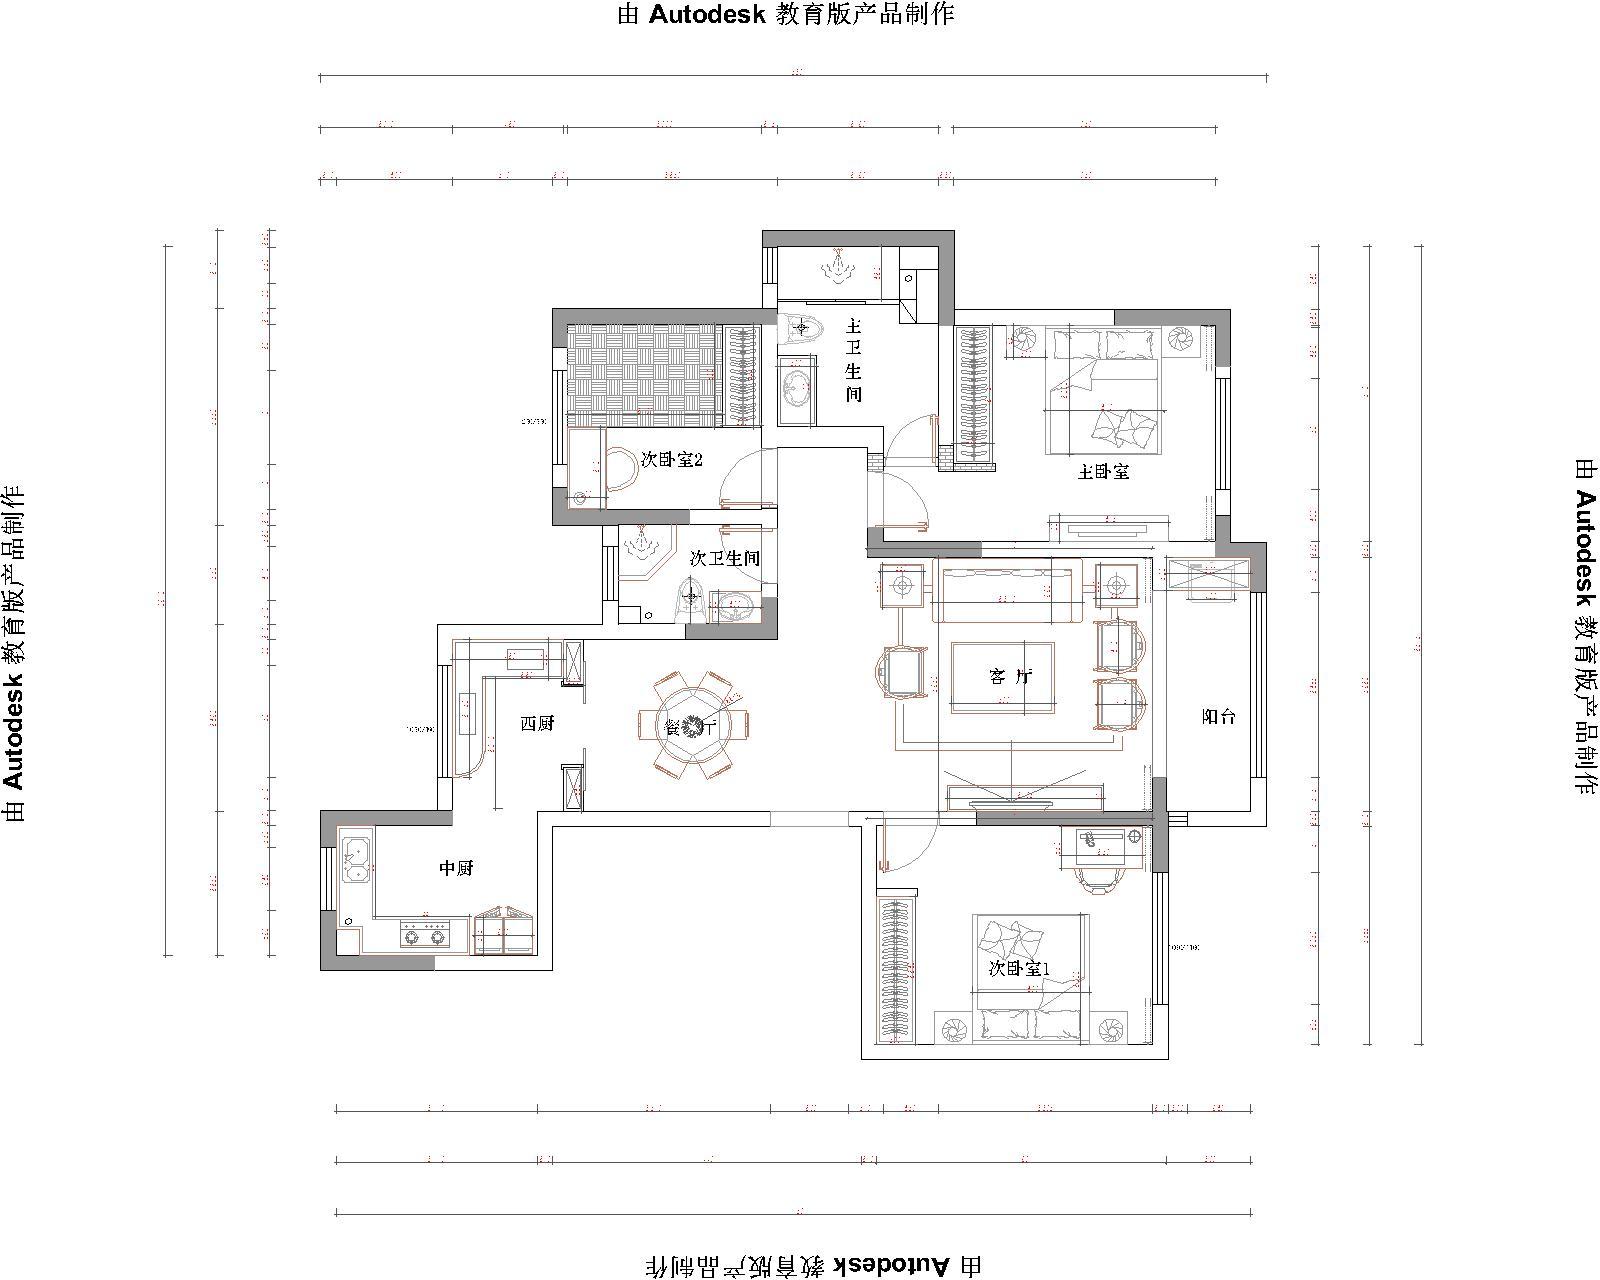 海德堡 140㎡ 中式风格装修设计理念